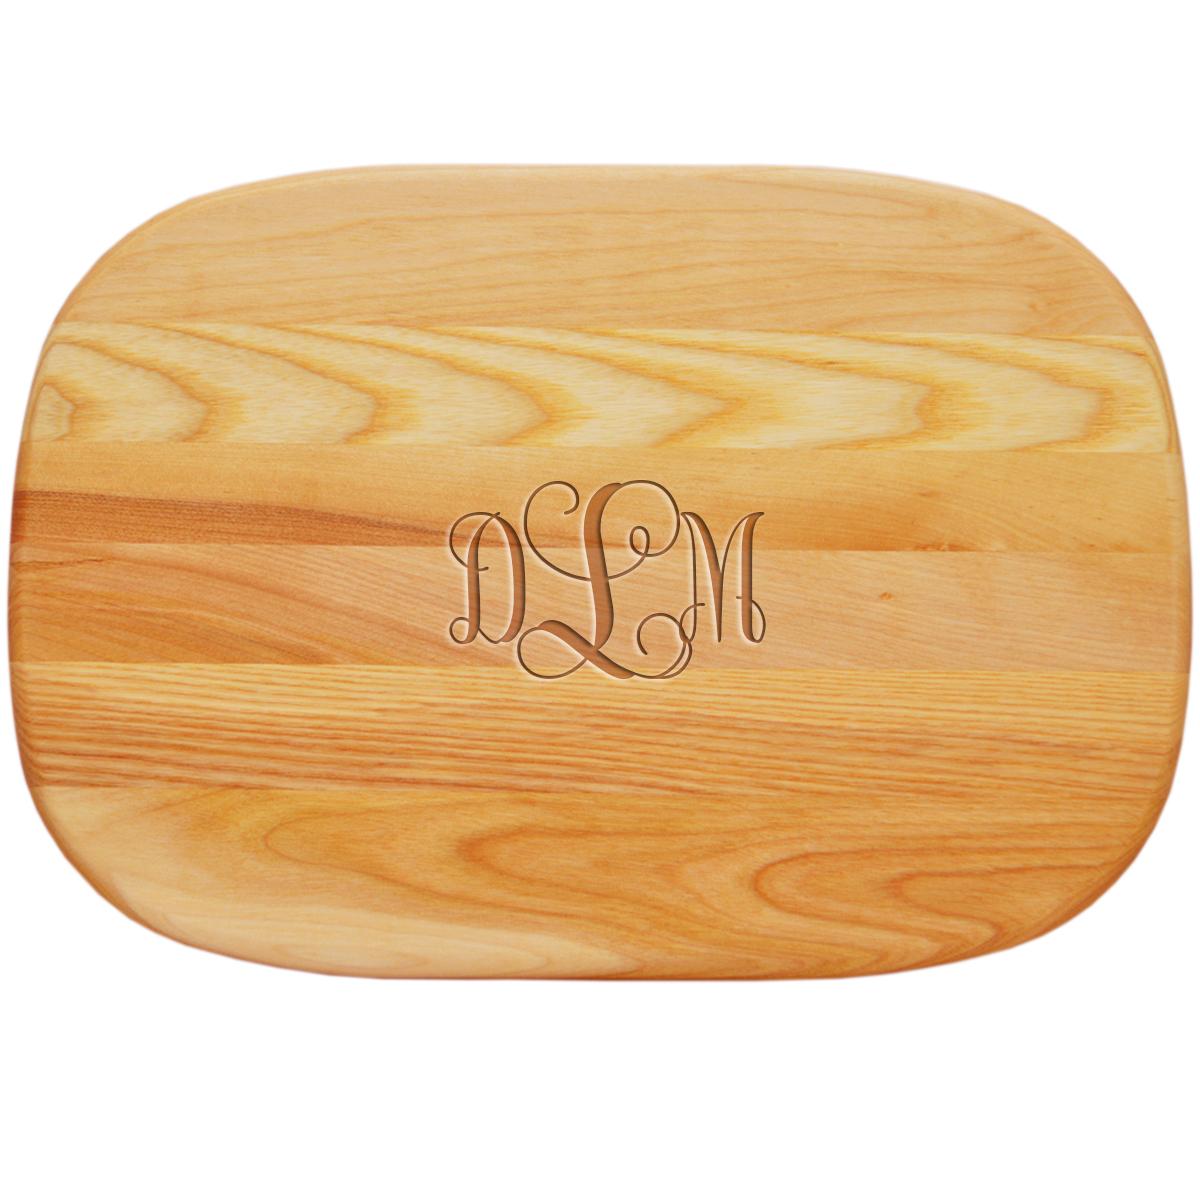 Everyday Cutting Board Medium